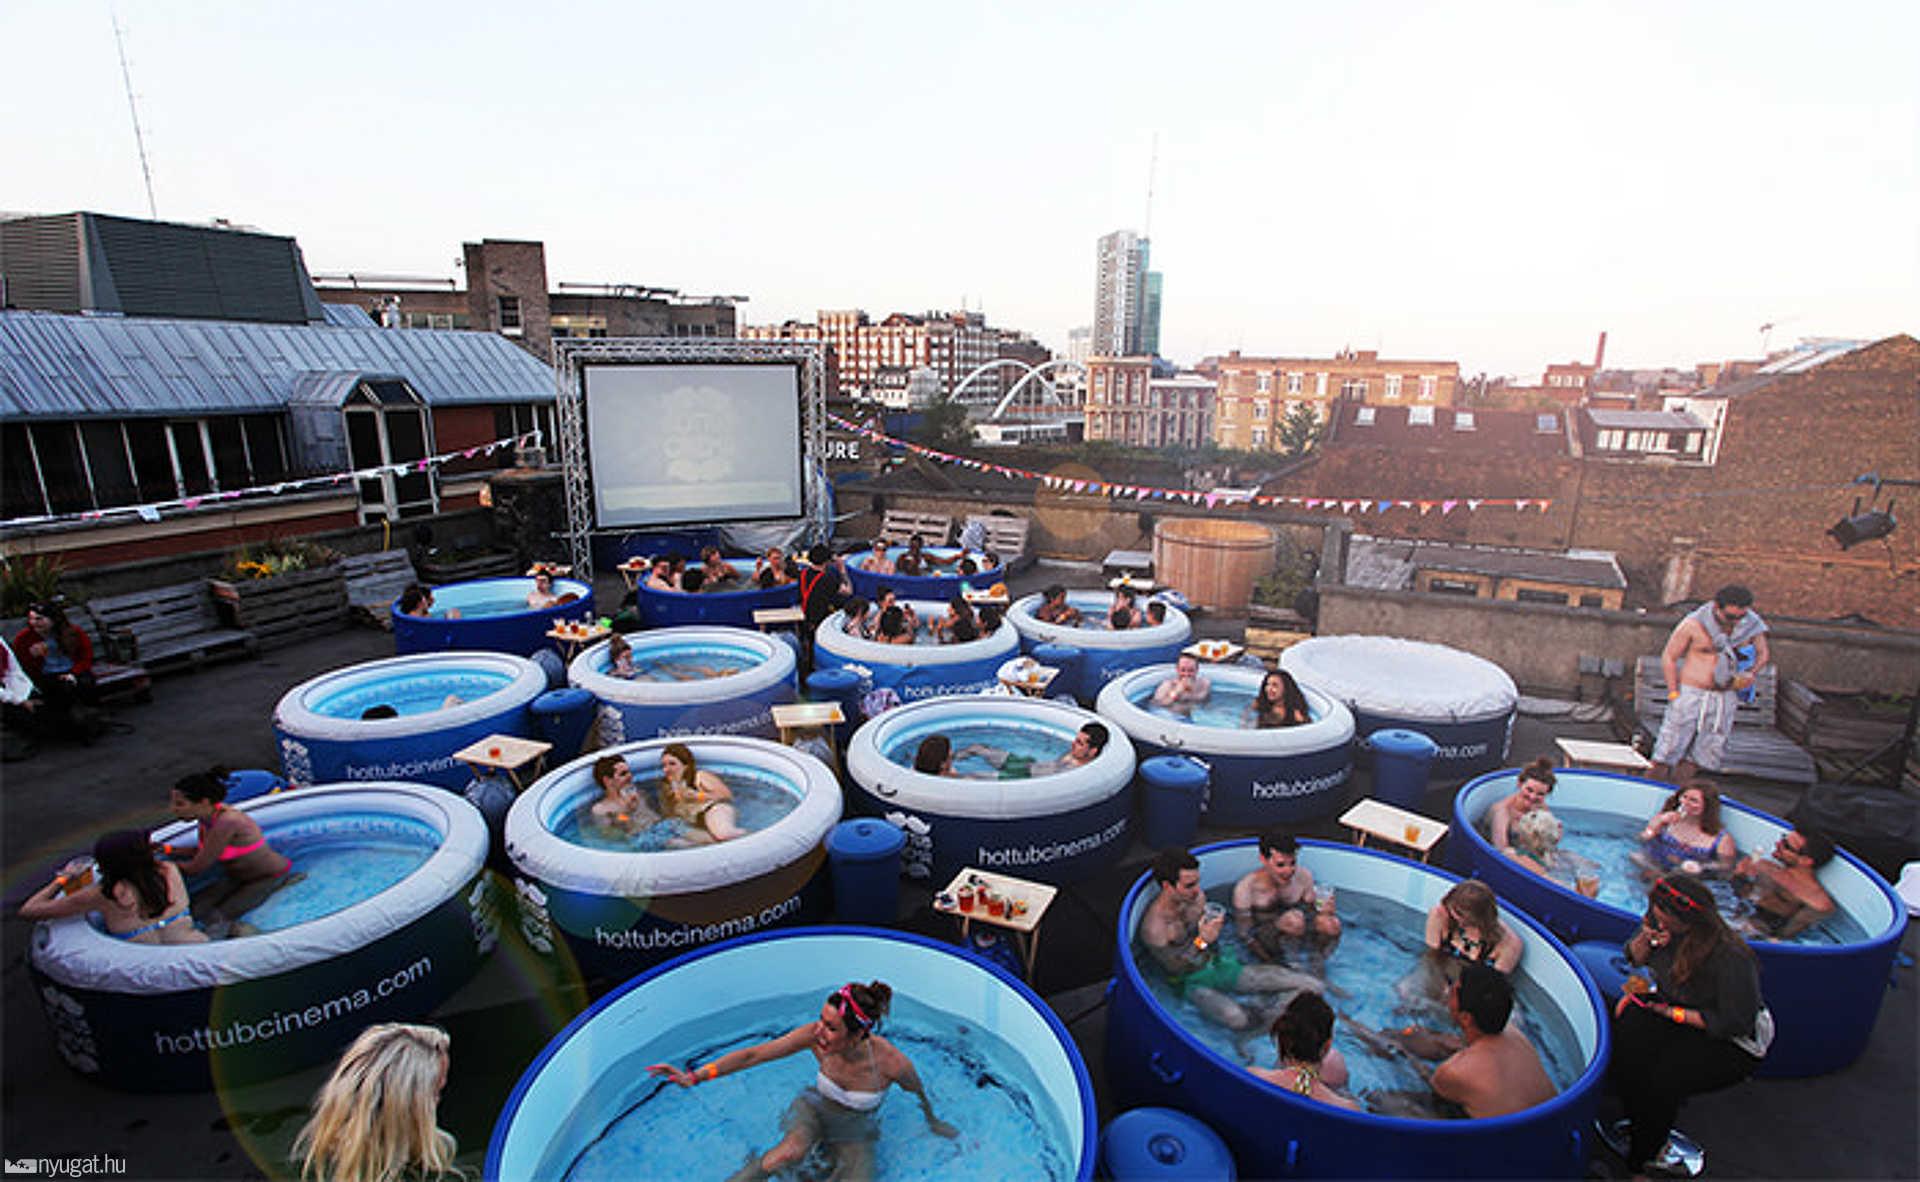 Hot Tub Cinema, Egyesült Királyság, USA, Ibiza